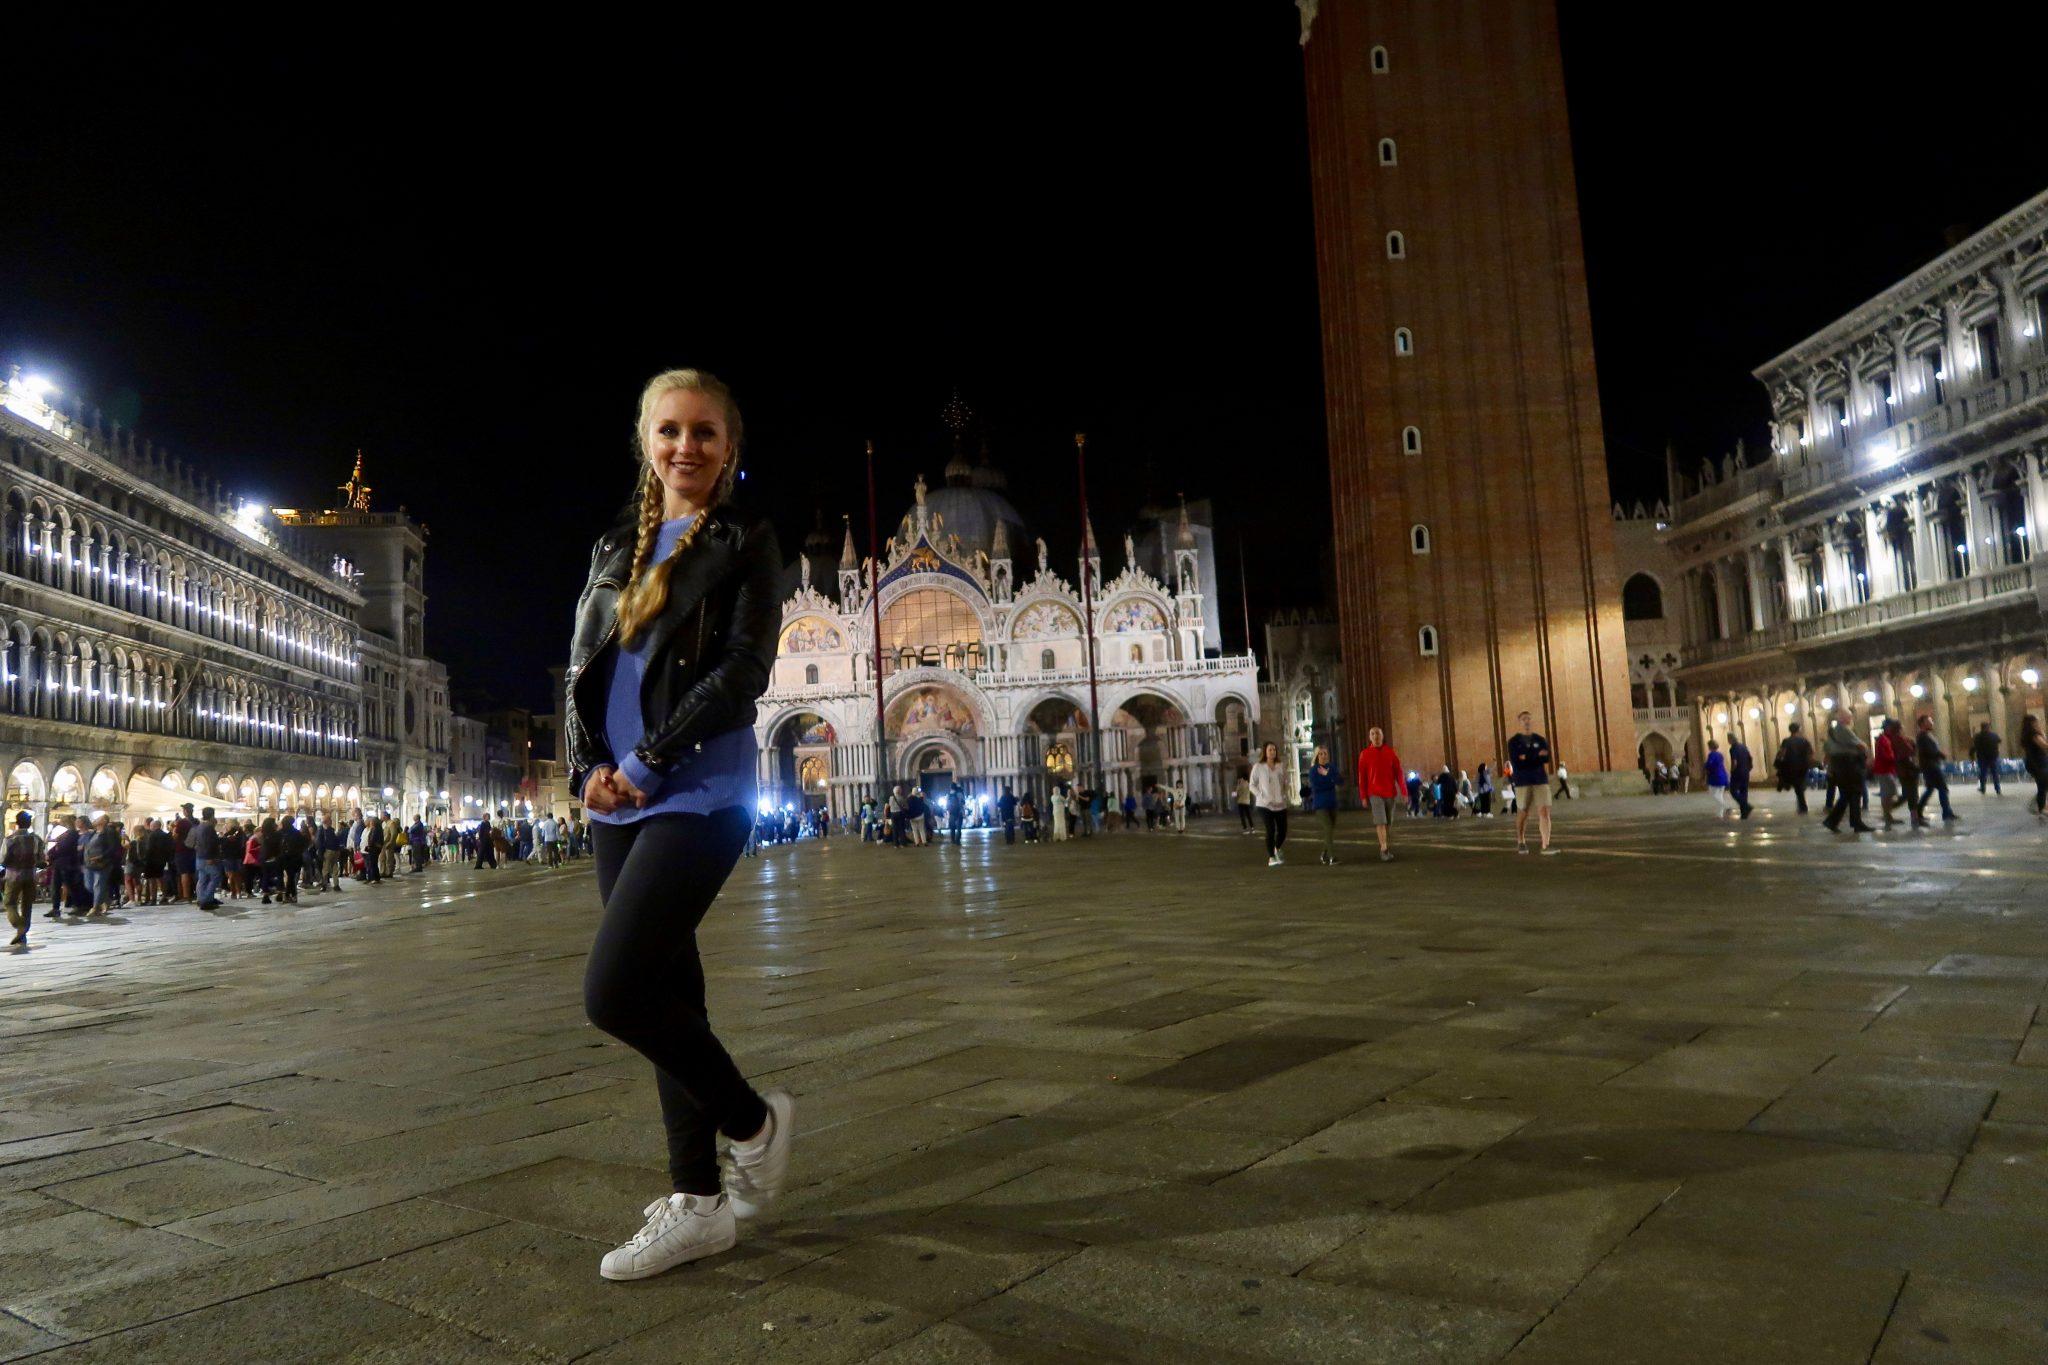 Venedig: Der Markusplatz bei Nacht hat etwas Magisches, was an der wunderschönen Musik liegen kann...